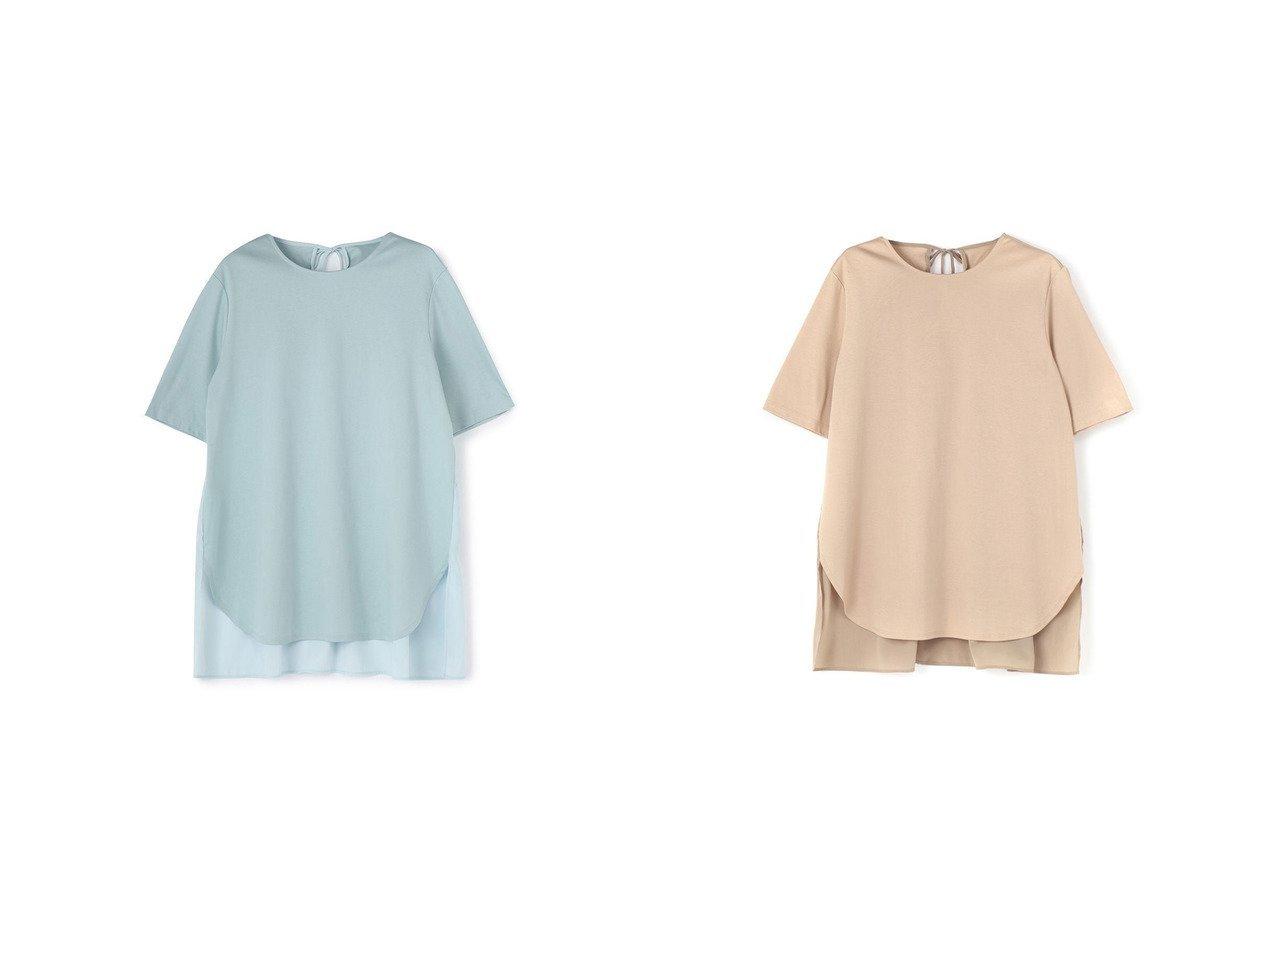 【Vingt-Neuf 29/ヴァンヌフ】の後ろリボン&ティアードTシャツ 【トップス・カットソー】おすすめ!人気、トレンド・レディースファッションの通販 おすすめで人気の流行・トレンド、ファッションの通販商品 インテリア・家具・メンズファッション・キッズファッション・レディースファッション・服の通販 founy(ファニー) https://founy.com/ 雑誌掲載アイテム Magazine Items ファッション雑誌 Fashion Magazines ストーリィ STORY ファッション Fashion レディースファッション WOMEN トップス・カットソー Tops/Tshirt シャツ/ブラウス Shirts/Blouses ロング / Tシャツ T-Shirts 春 Spring カッティング 今季 7月号 シンプル スリット 雑誌 とろみ チェック ティアード トレンド 人気 バランス フィット フロント 6月号 ラウンド リボン 2021年 2021 S/S・春夏 SS・Spring/Summer 2021春夏・S/S SS/Spring/Summer/2021 夏 Summer  ID:crp329100000047027